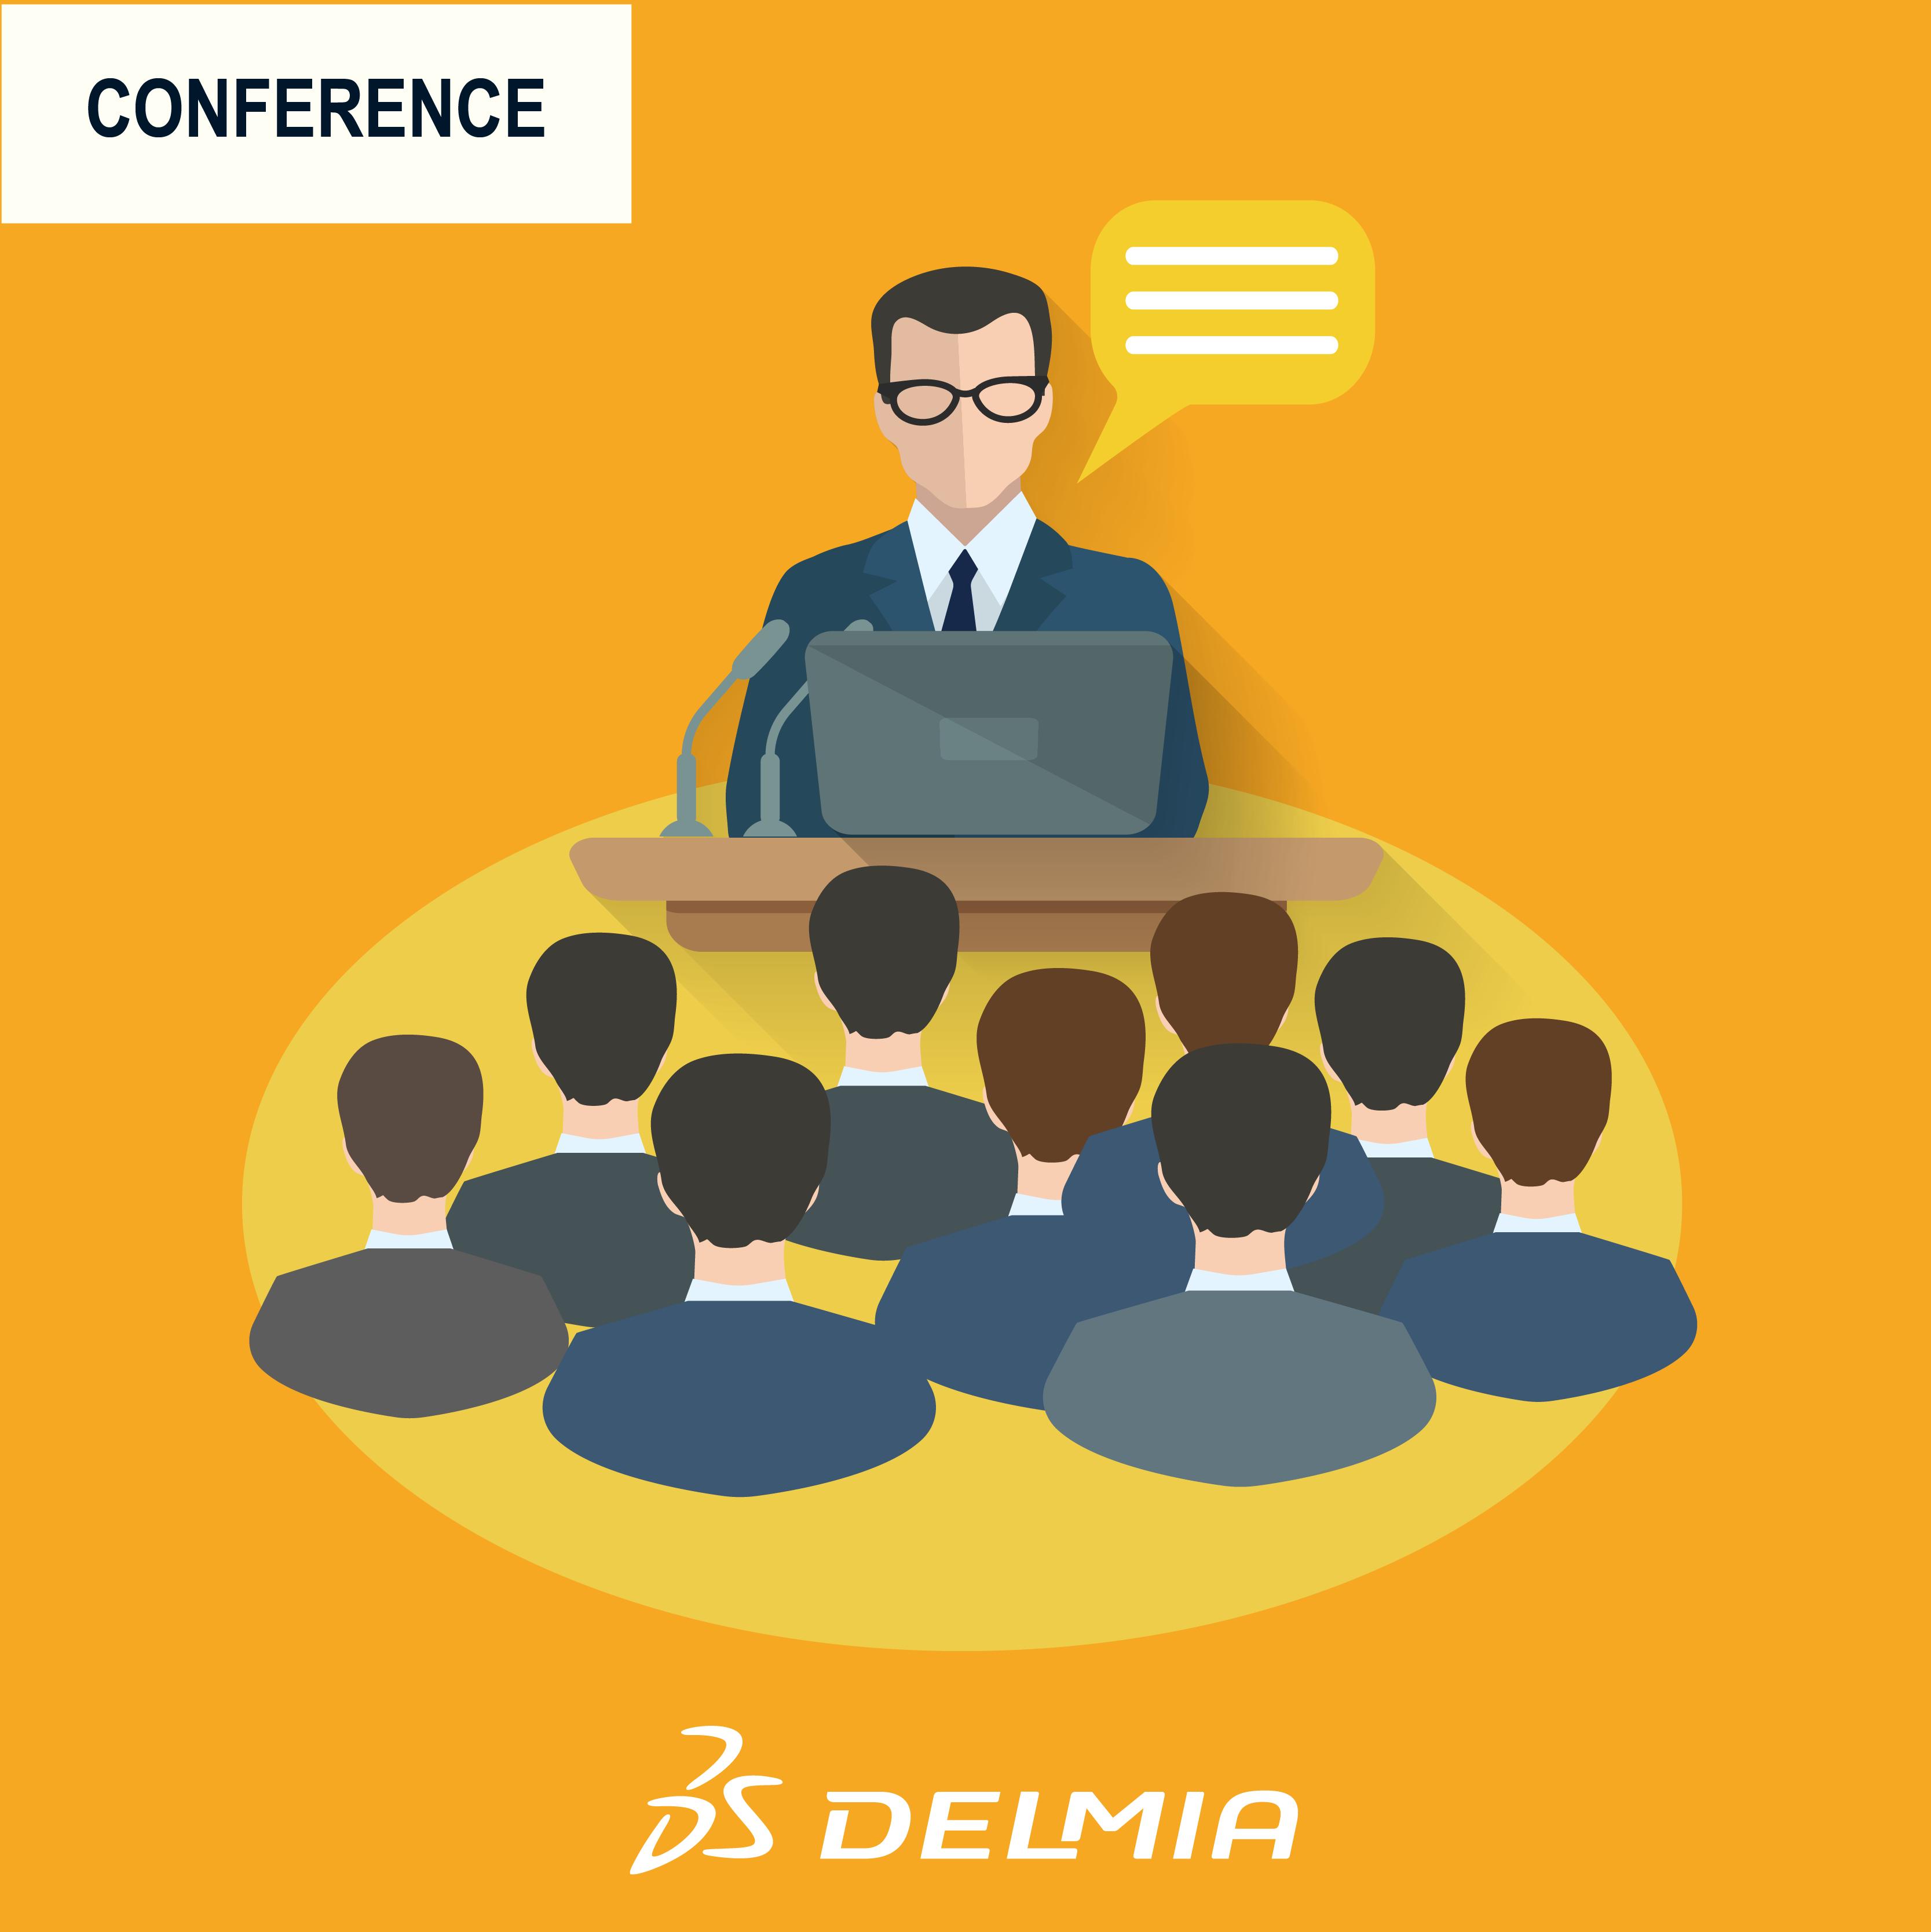 ÉVÉNEMENT – DELMIA Community Summit 2018 – Jeudi 15.11.2018, Campus Dassault Systèmes (Vélizy)